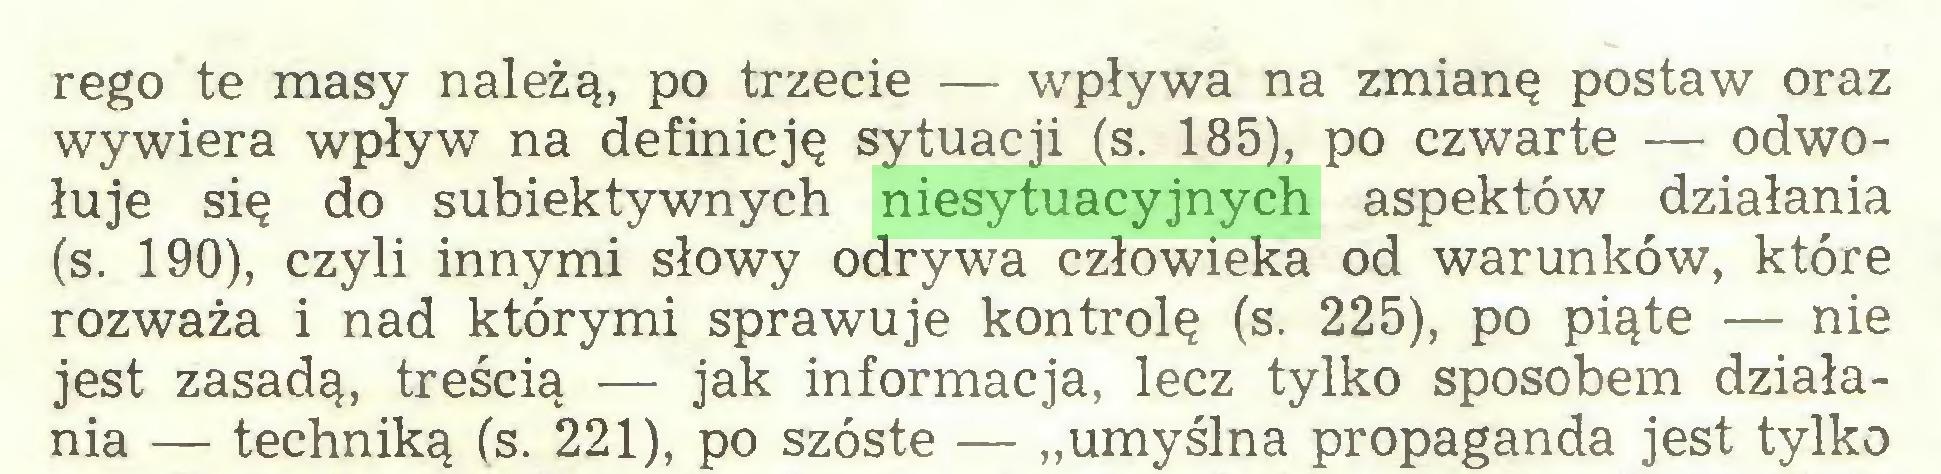 """(...) rego te masy należą, po trzecie — wpływa na zmianę postaw oraz wywiera wpływ na definicję sytuacji (s. 185), po czwarte — odwołuje się do subiektywnych niesytuacyjnych aspektów działania (s. 190), czyli innymi słowy odrywa człowieka od warunków, które rozważa i nad którymi sprawuje kontrolę (s. 225), po piąte — nie jest zasadą, treścią — jak informacja, lecz tylko sposobem działania — techniką (s. 221), po szóste — """"umyślna propaganda jest tylko..."""